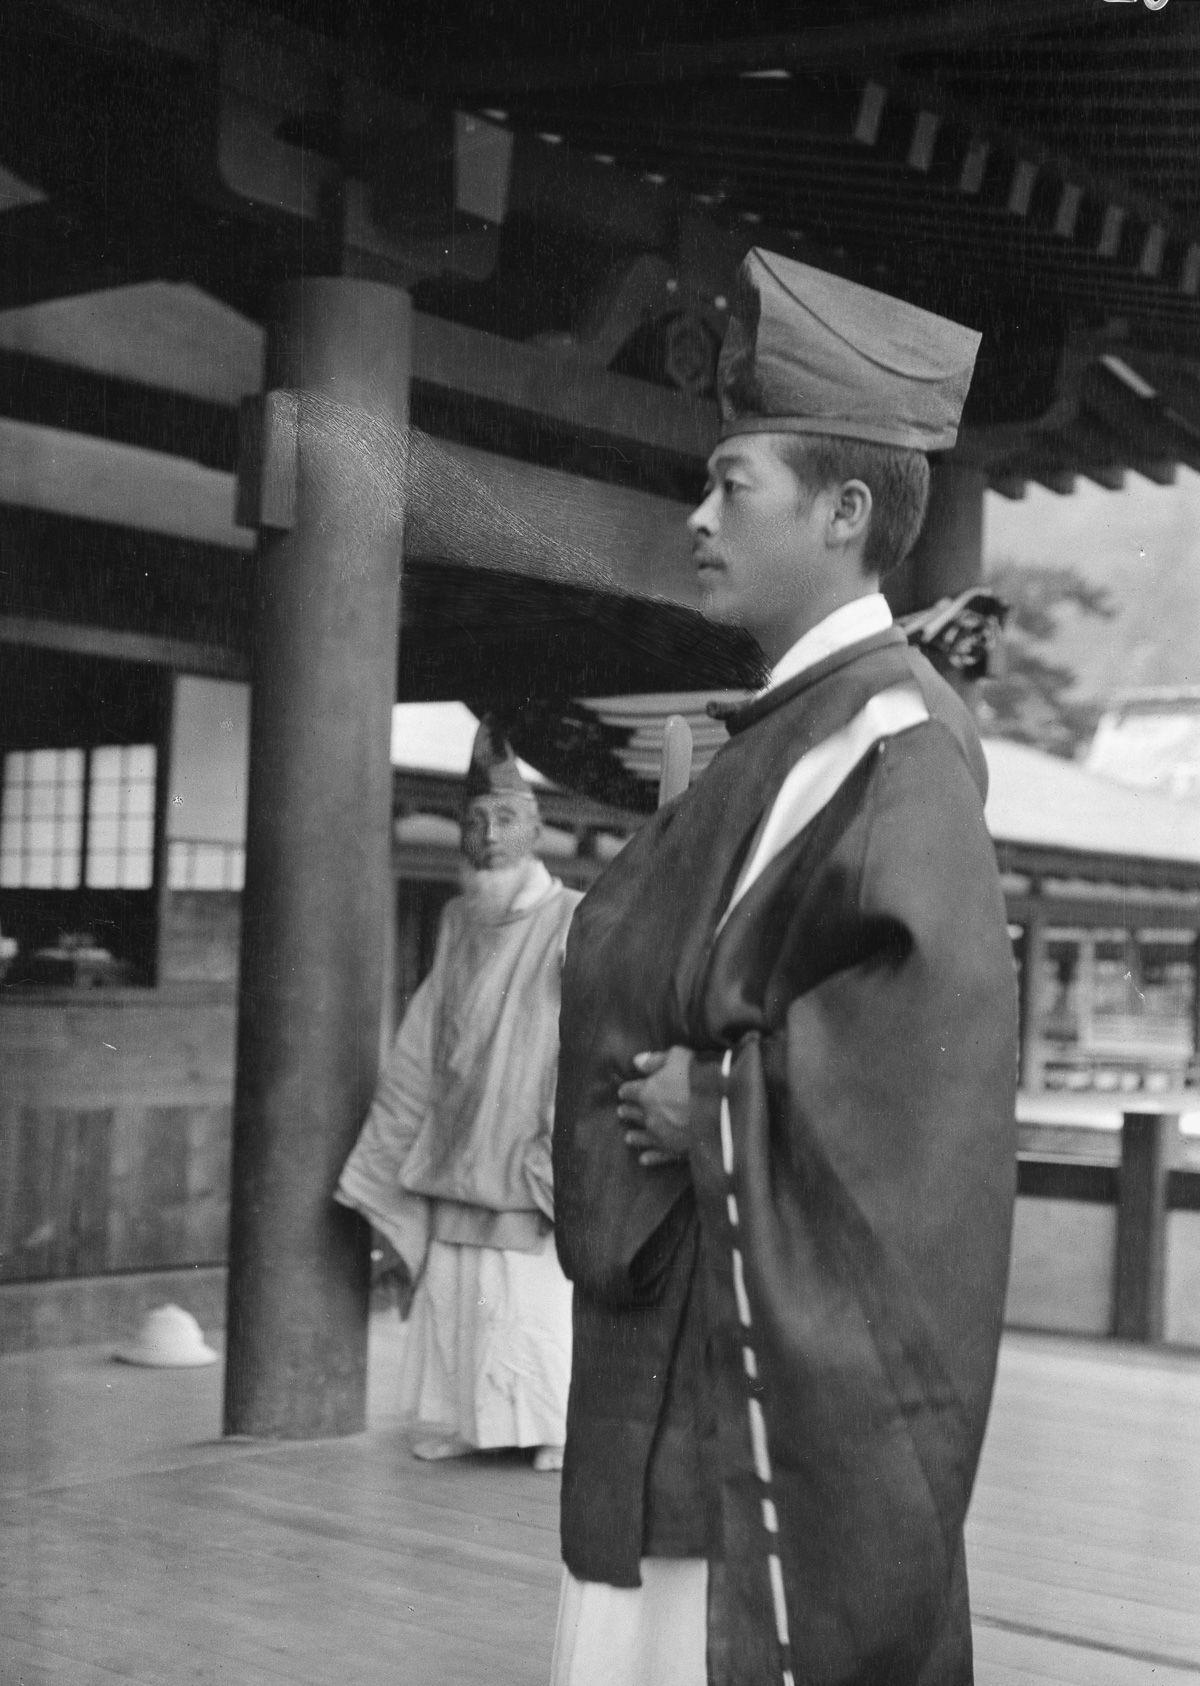 Yaponiya istoricheskie foto Arnold Dzhente 26